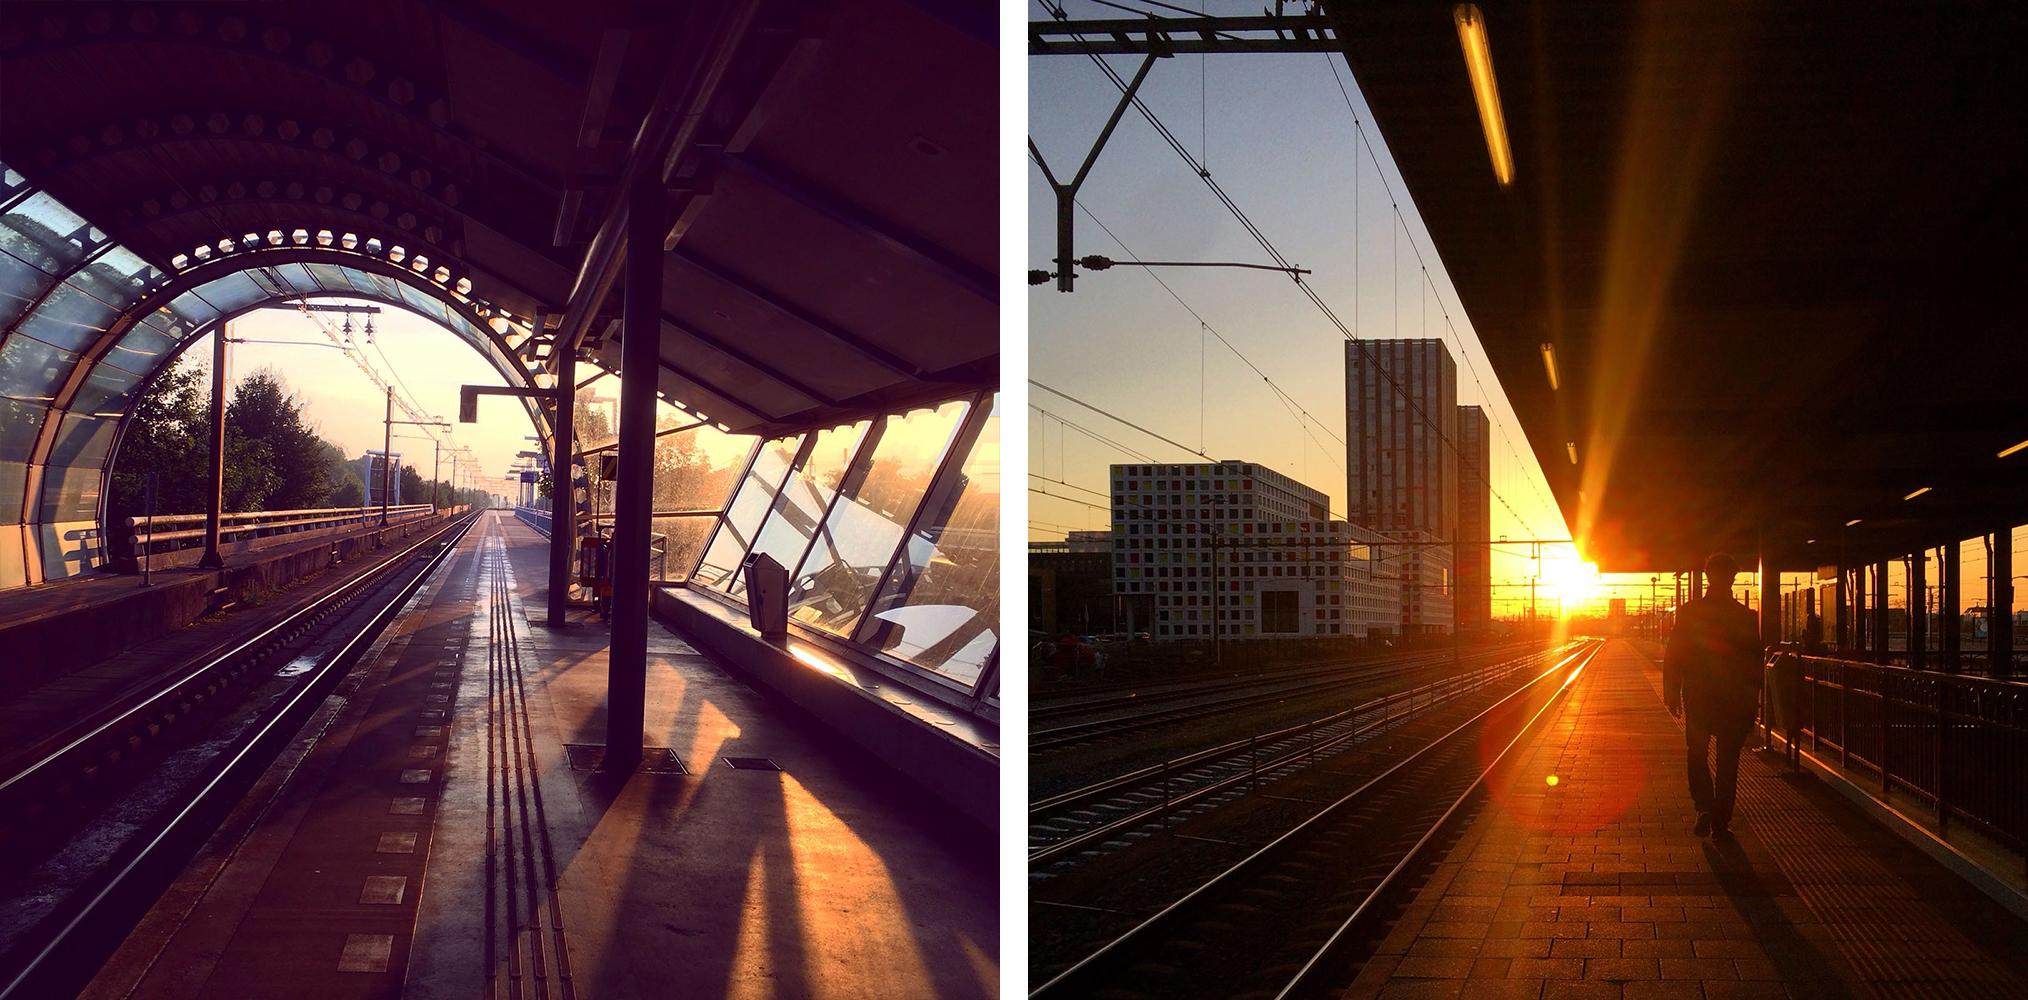 Reizen voor HVR station duivendrecht en Holland Spoor